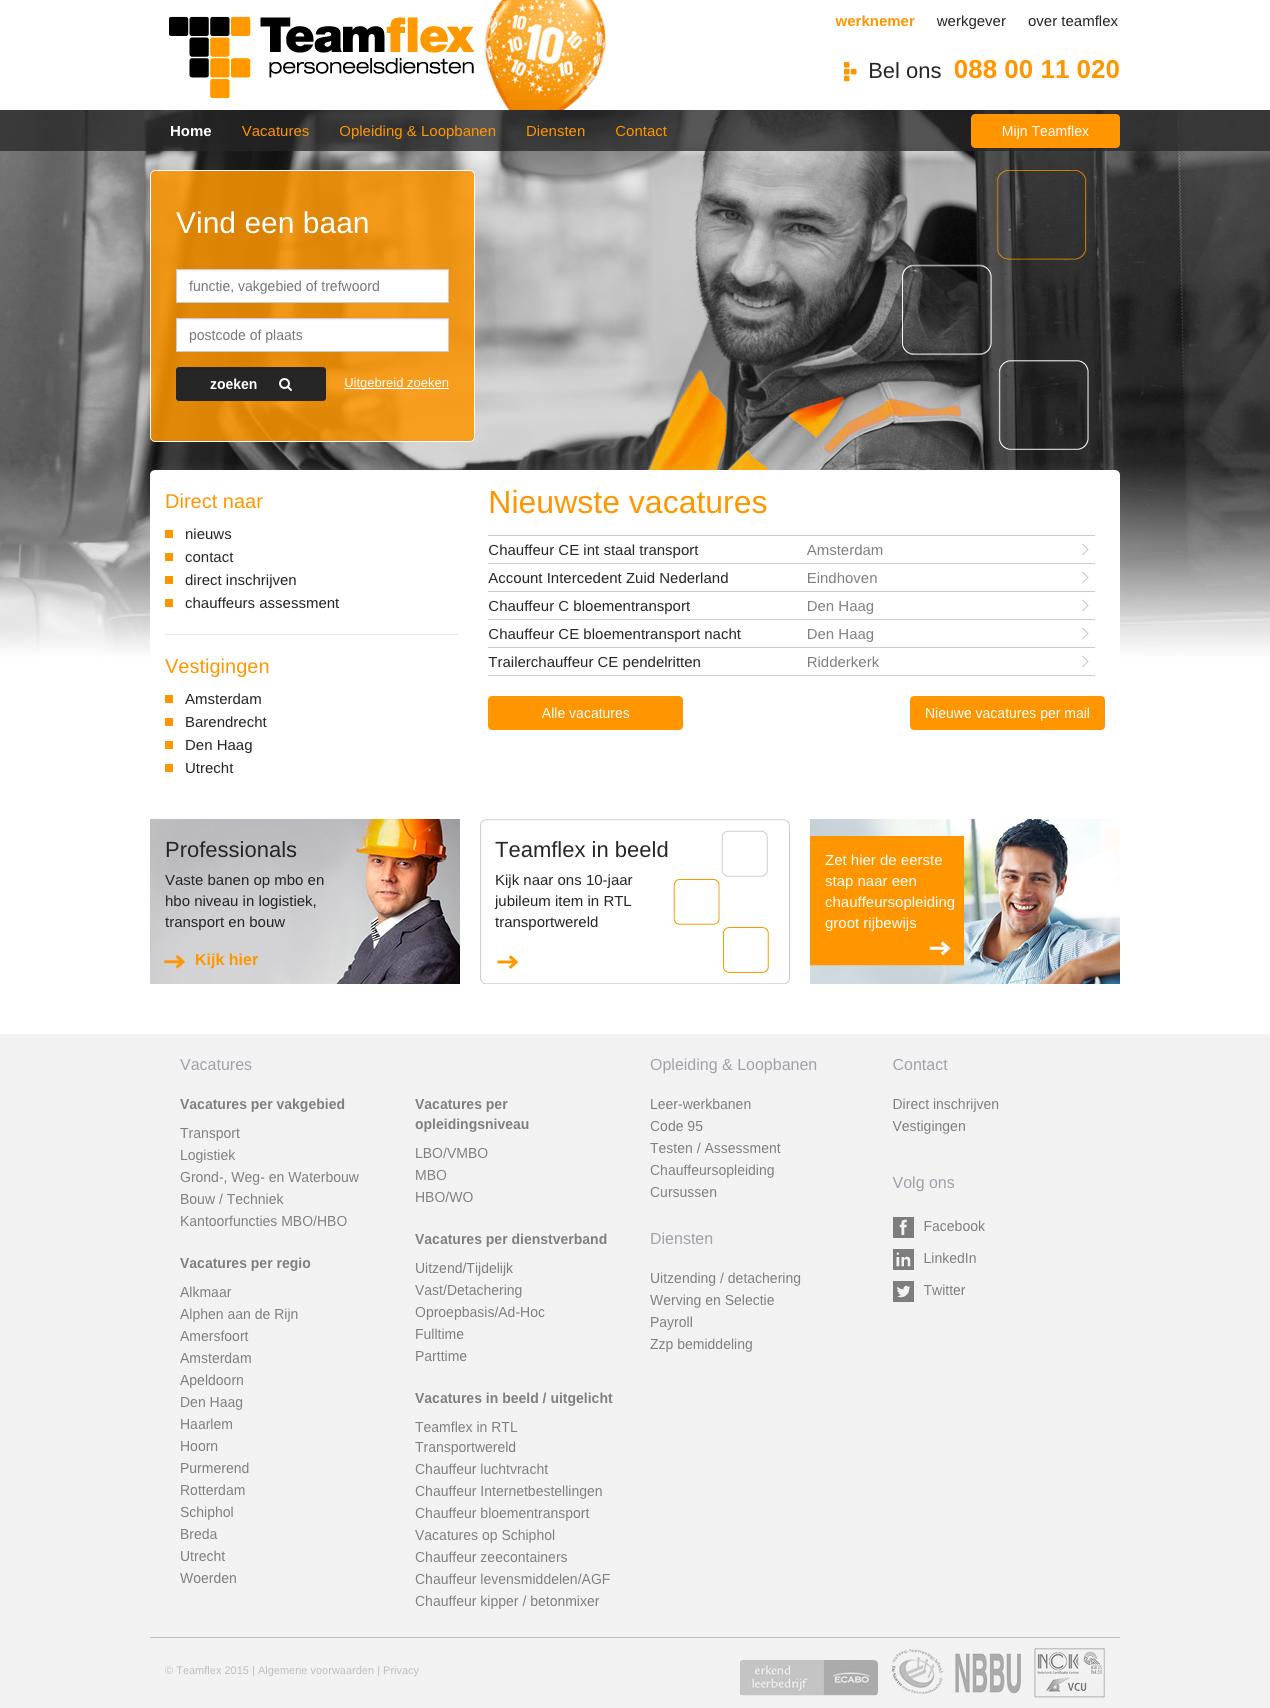 Advies, ontwerp en technische realisatie nieuwe website voor Teamflex personeelsdiensten: www.teamflex.nl Door: www.zuurstof.nl